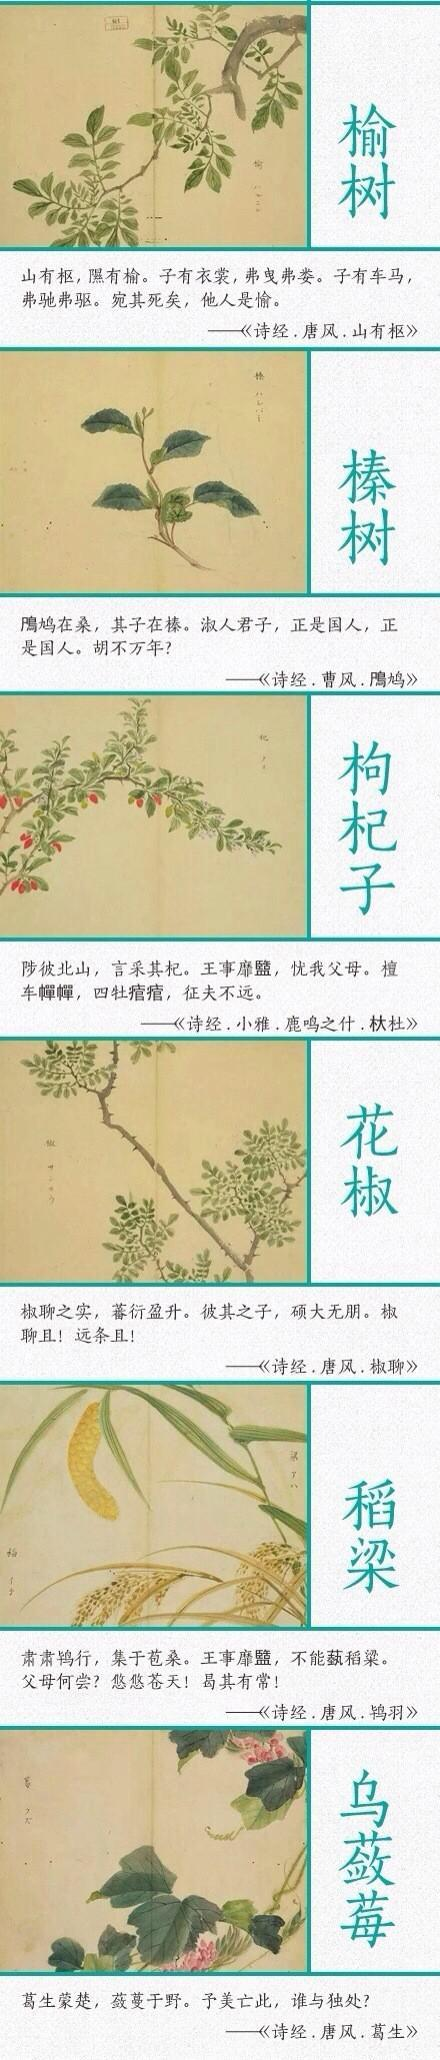 诗经中植物手抄报